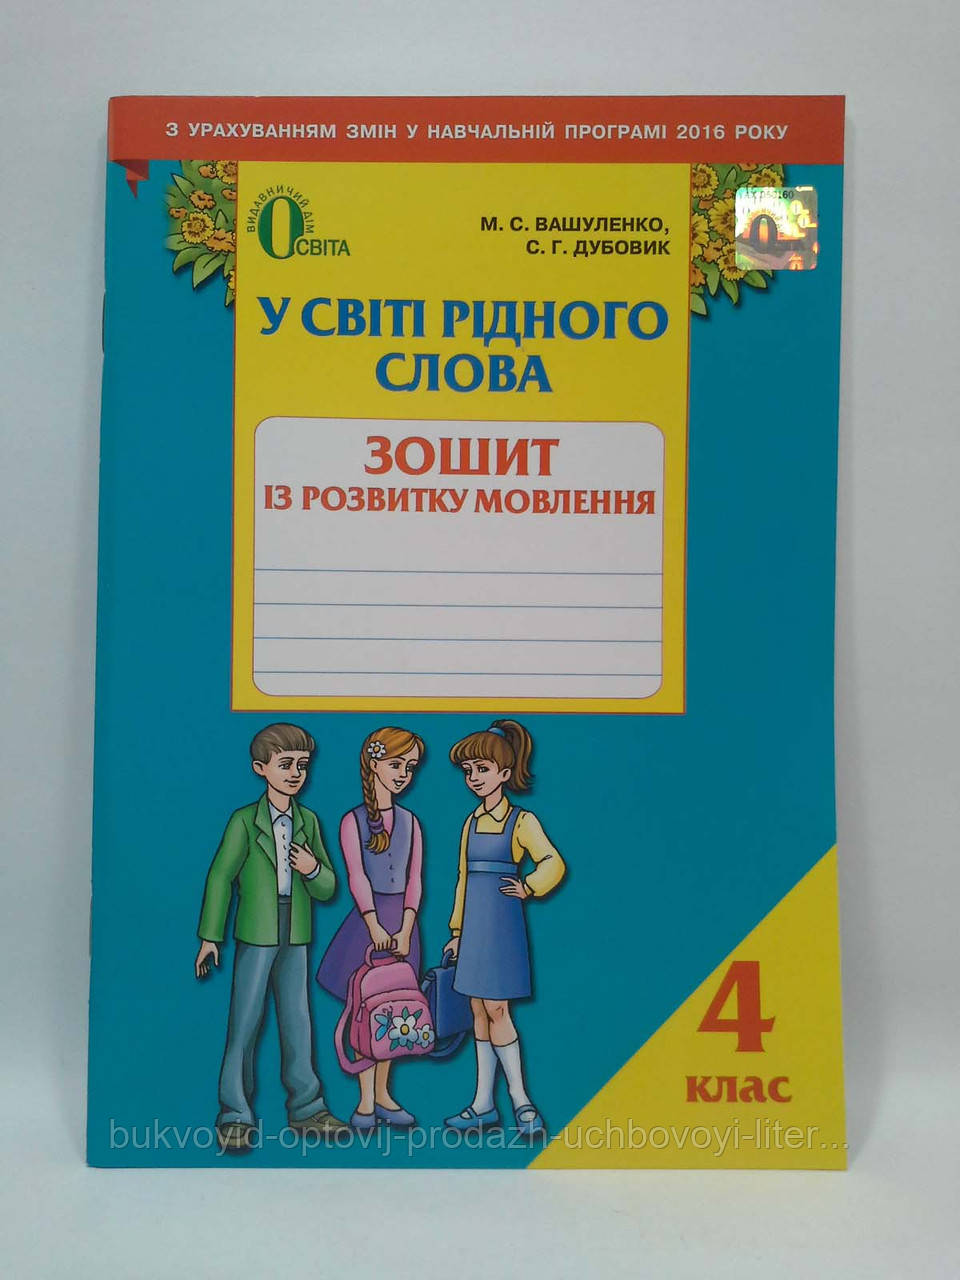 гдз відповіді 4 світі дубовик у слова клас рідного зошит вашуленко